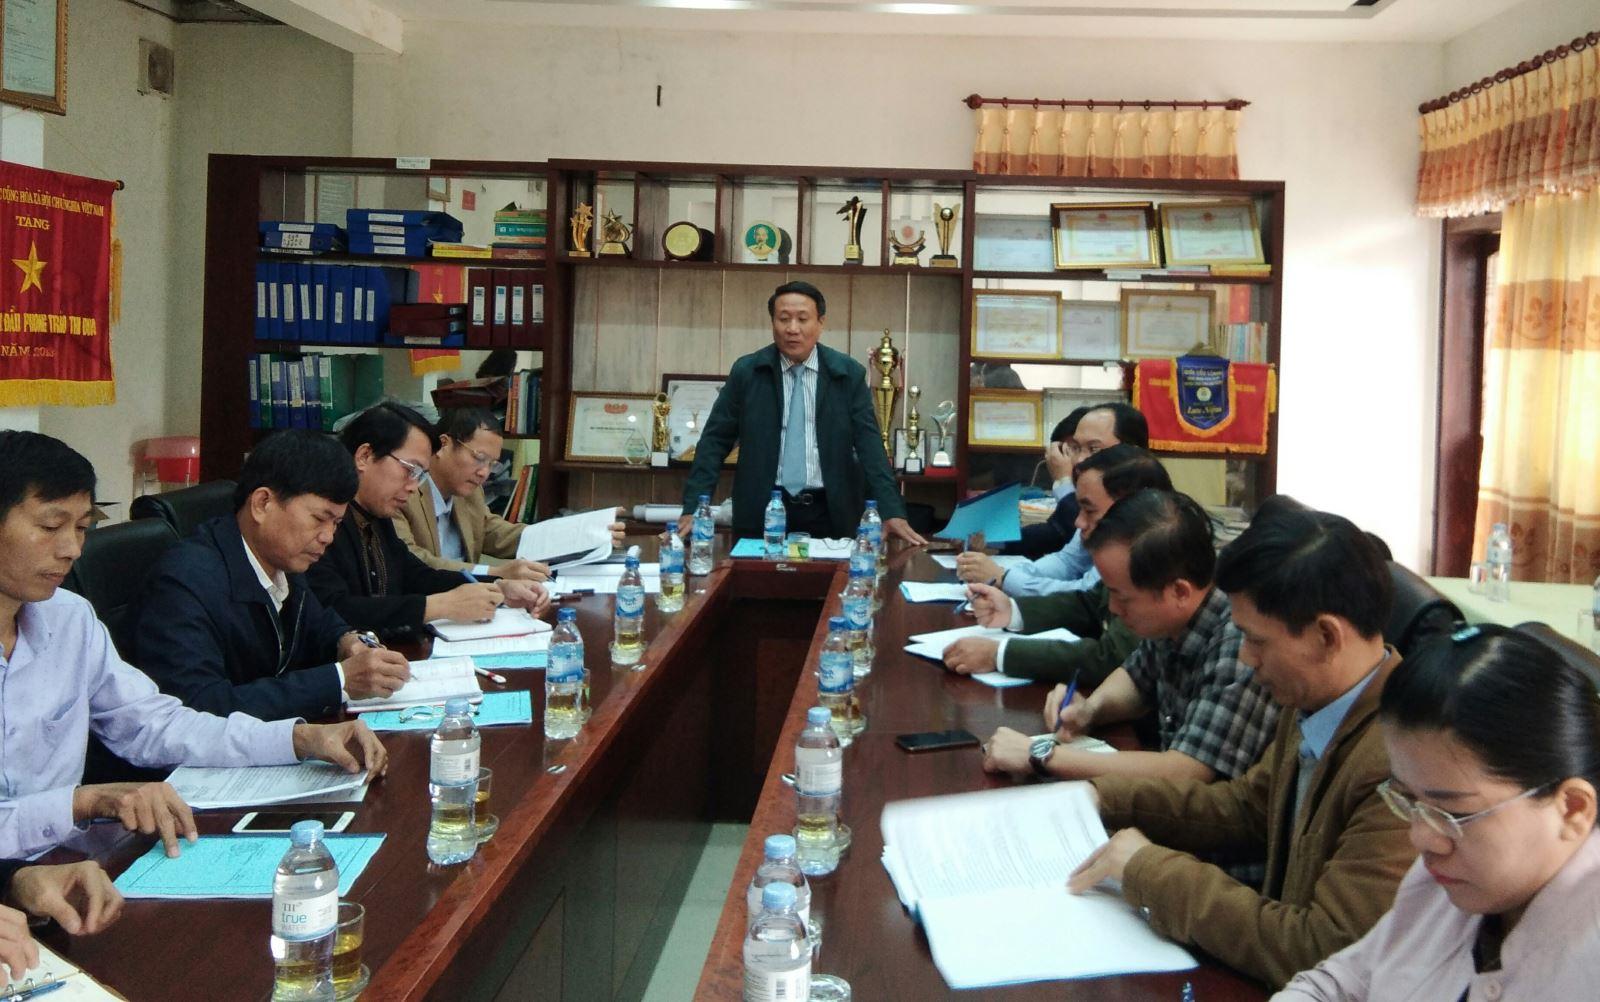 Phó Chủ tịch UBND tỉnh Hà Sỹ Đồng làm viêc với  Công ty TNHH MTV Lâm nghiệp Bến Hải